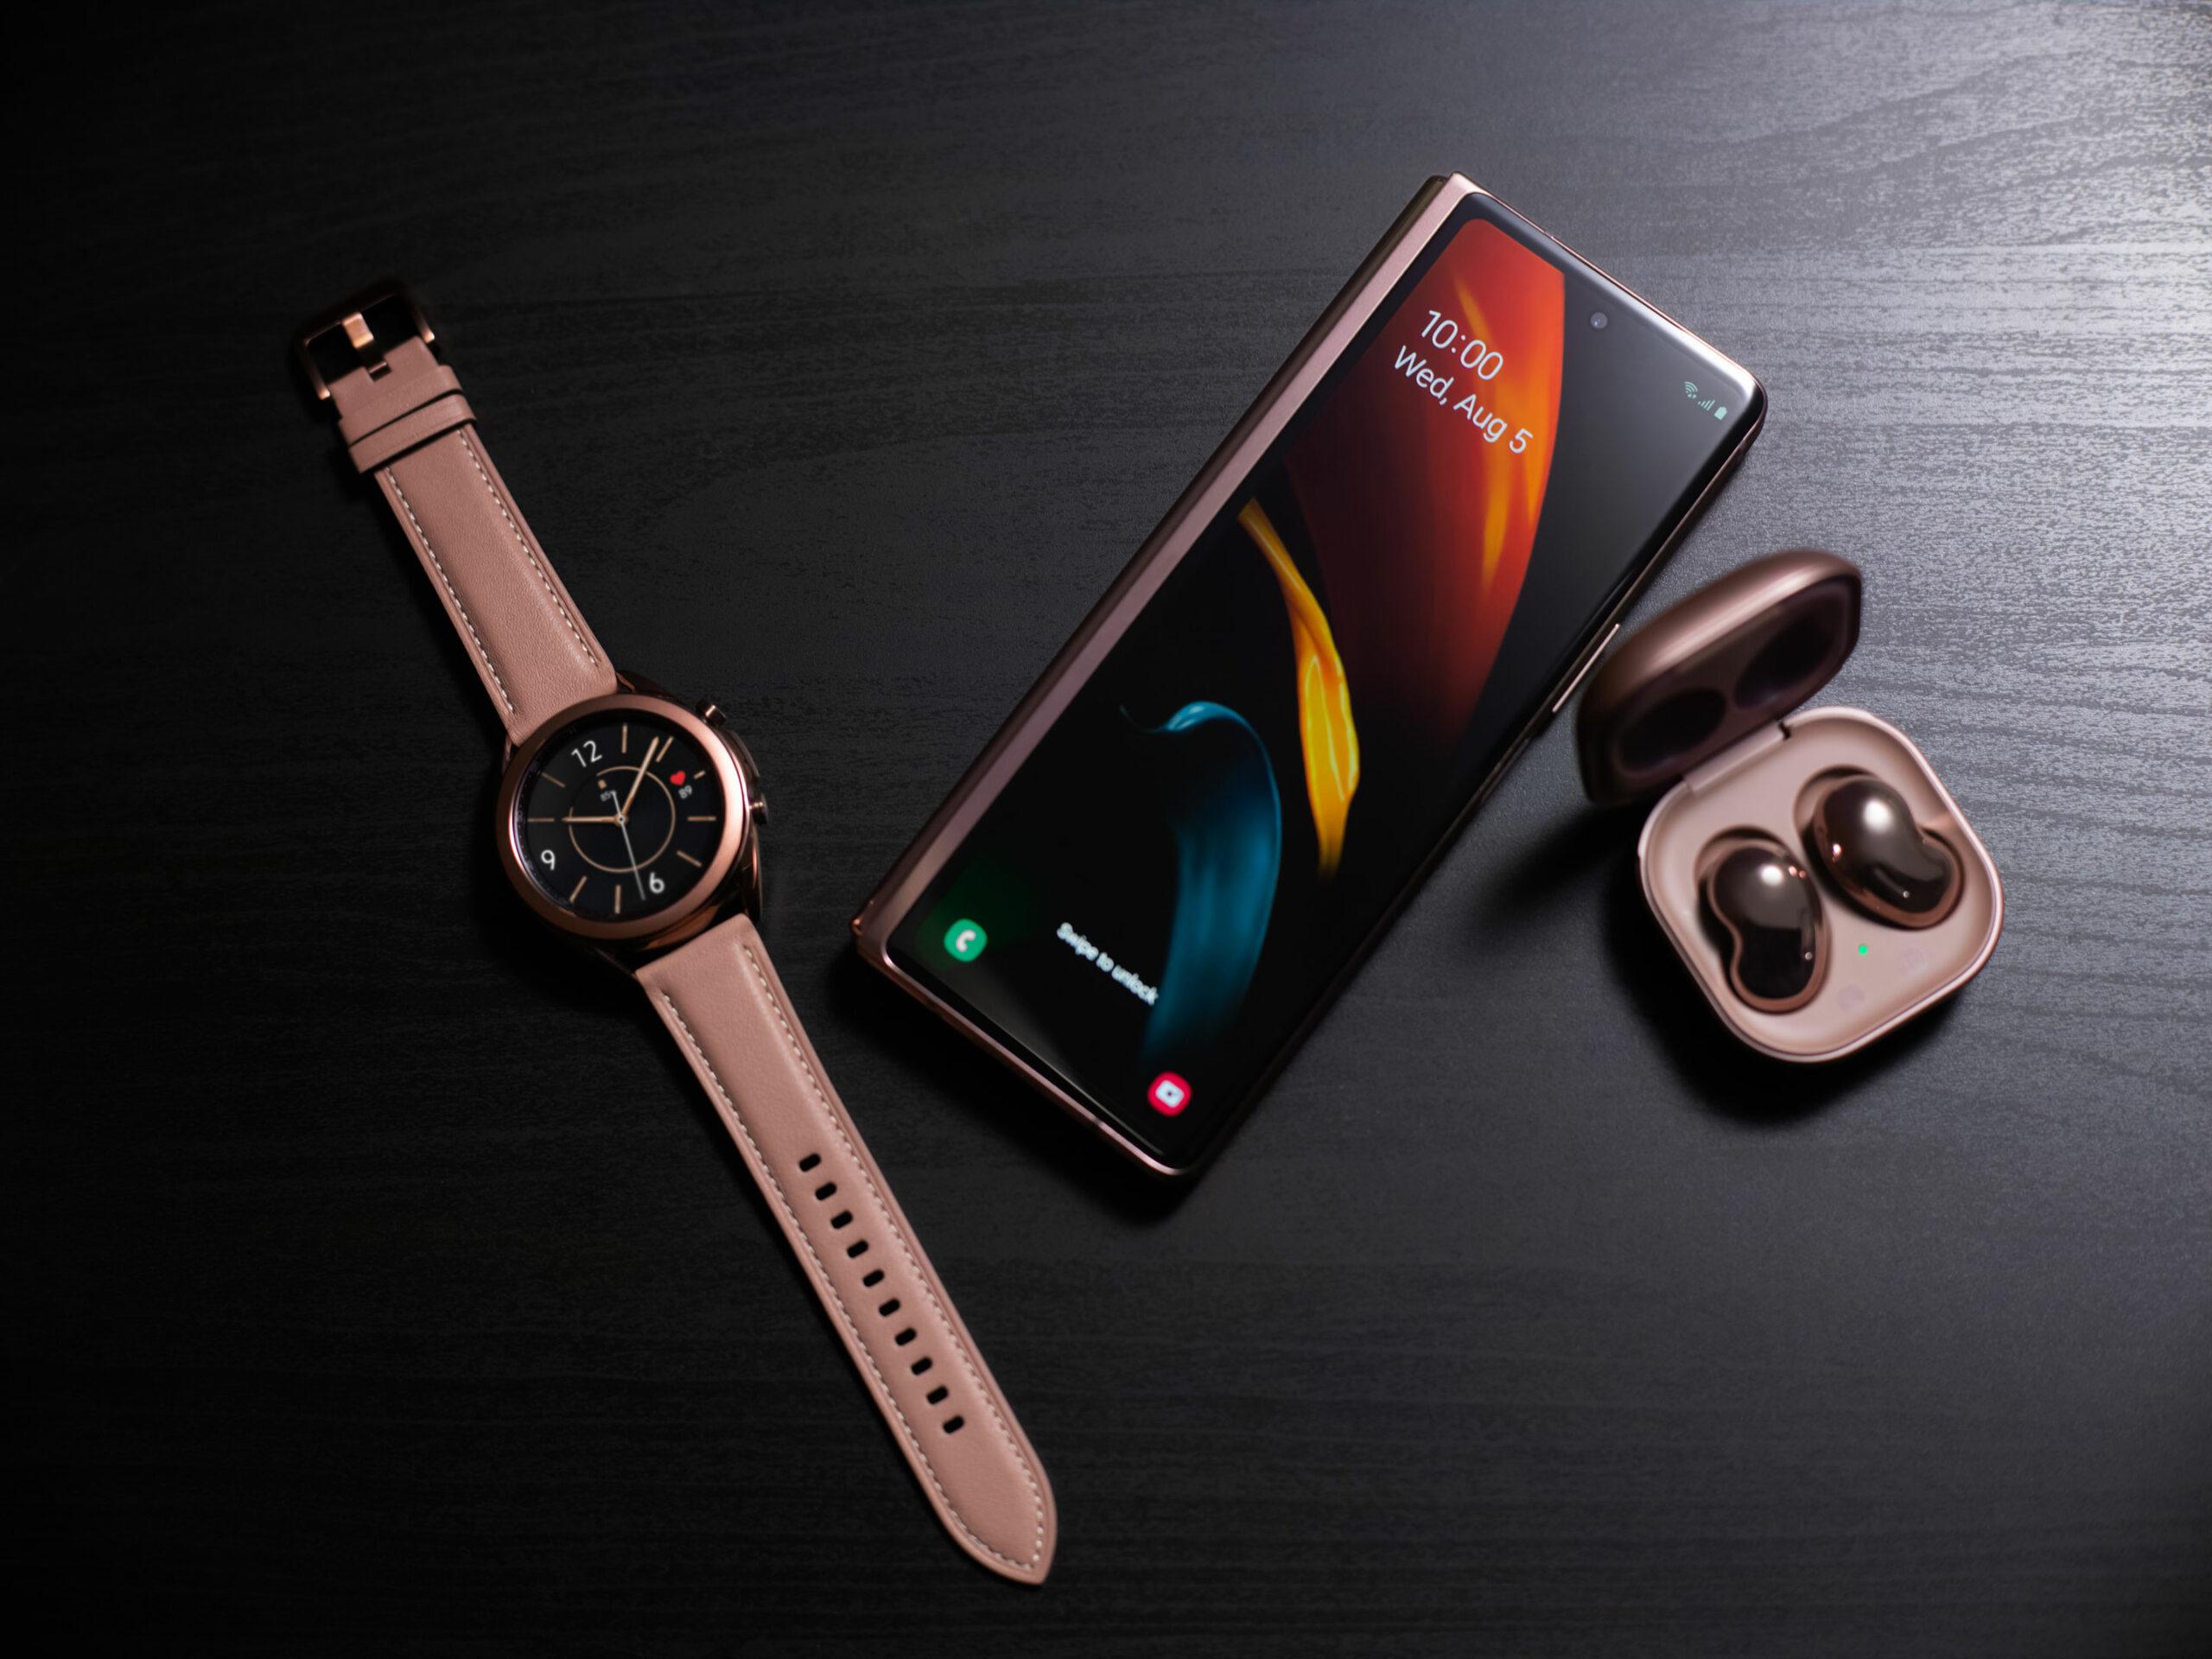 Galazy Z Fold 2, Galaxy Watch 3 and Galaxy Buds Live